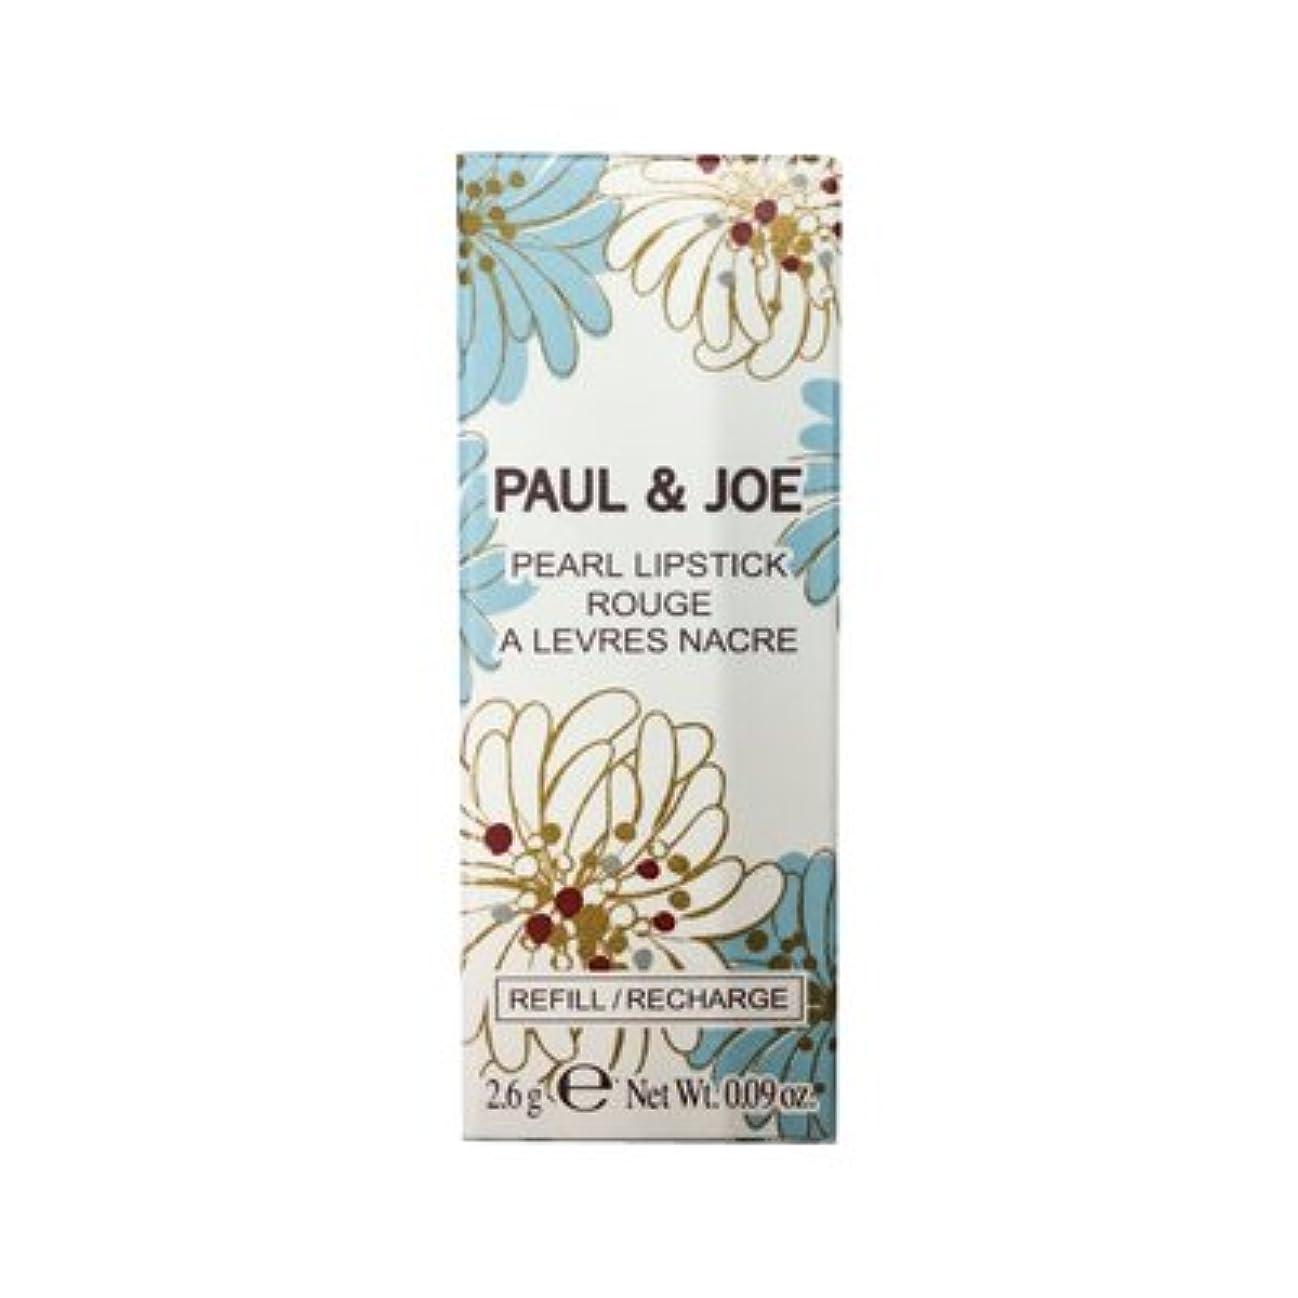 酸二十家事をするポール & ジョー/PAUL & JOE リップスティックスクレドール(レフィル) #402 [並行輸入品]